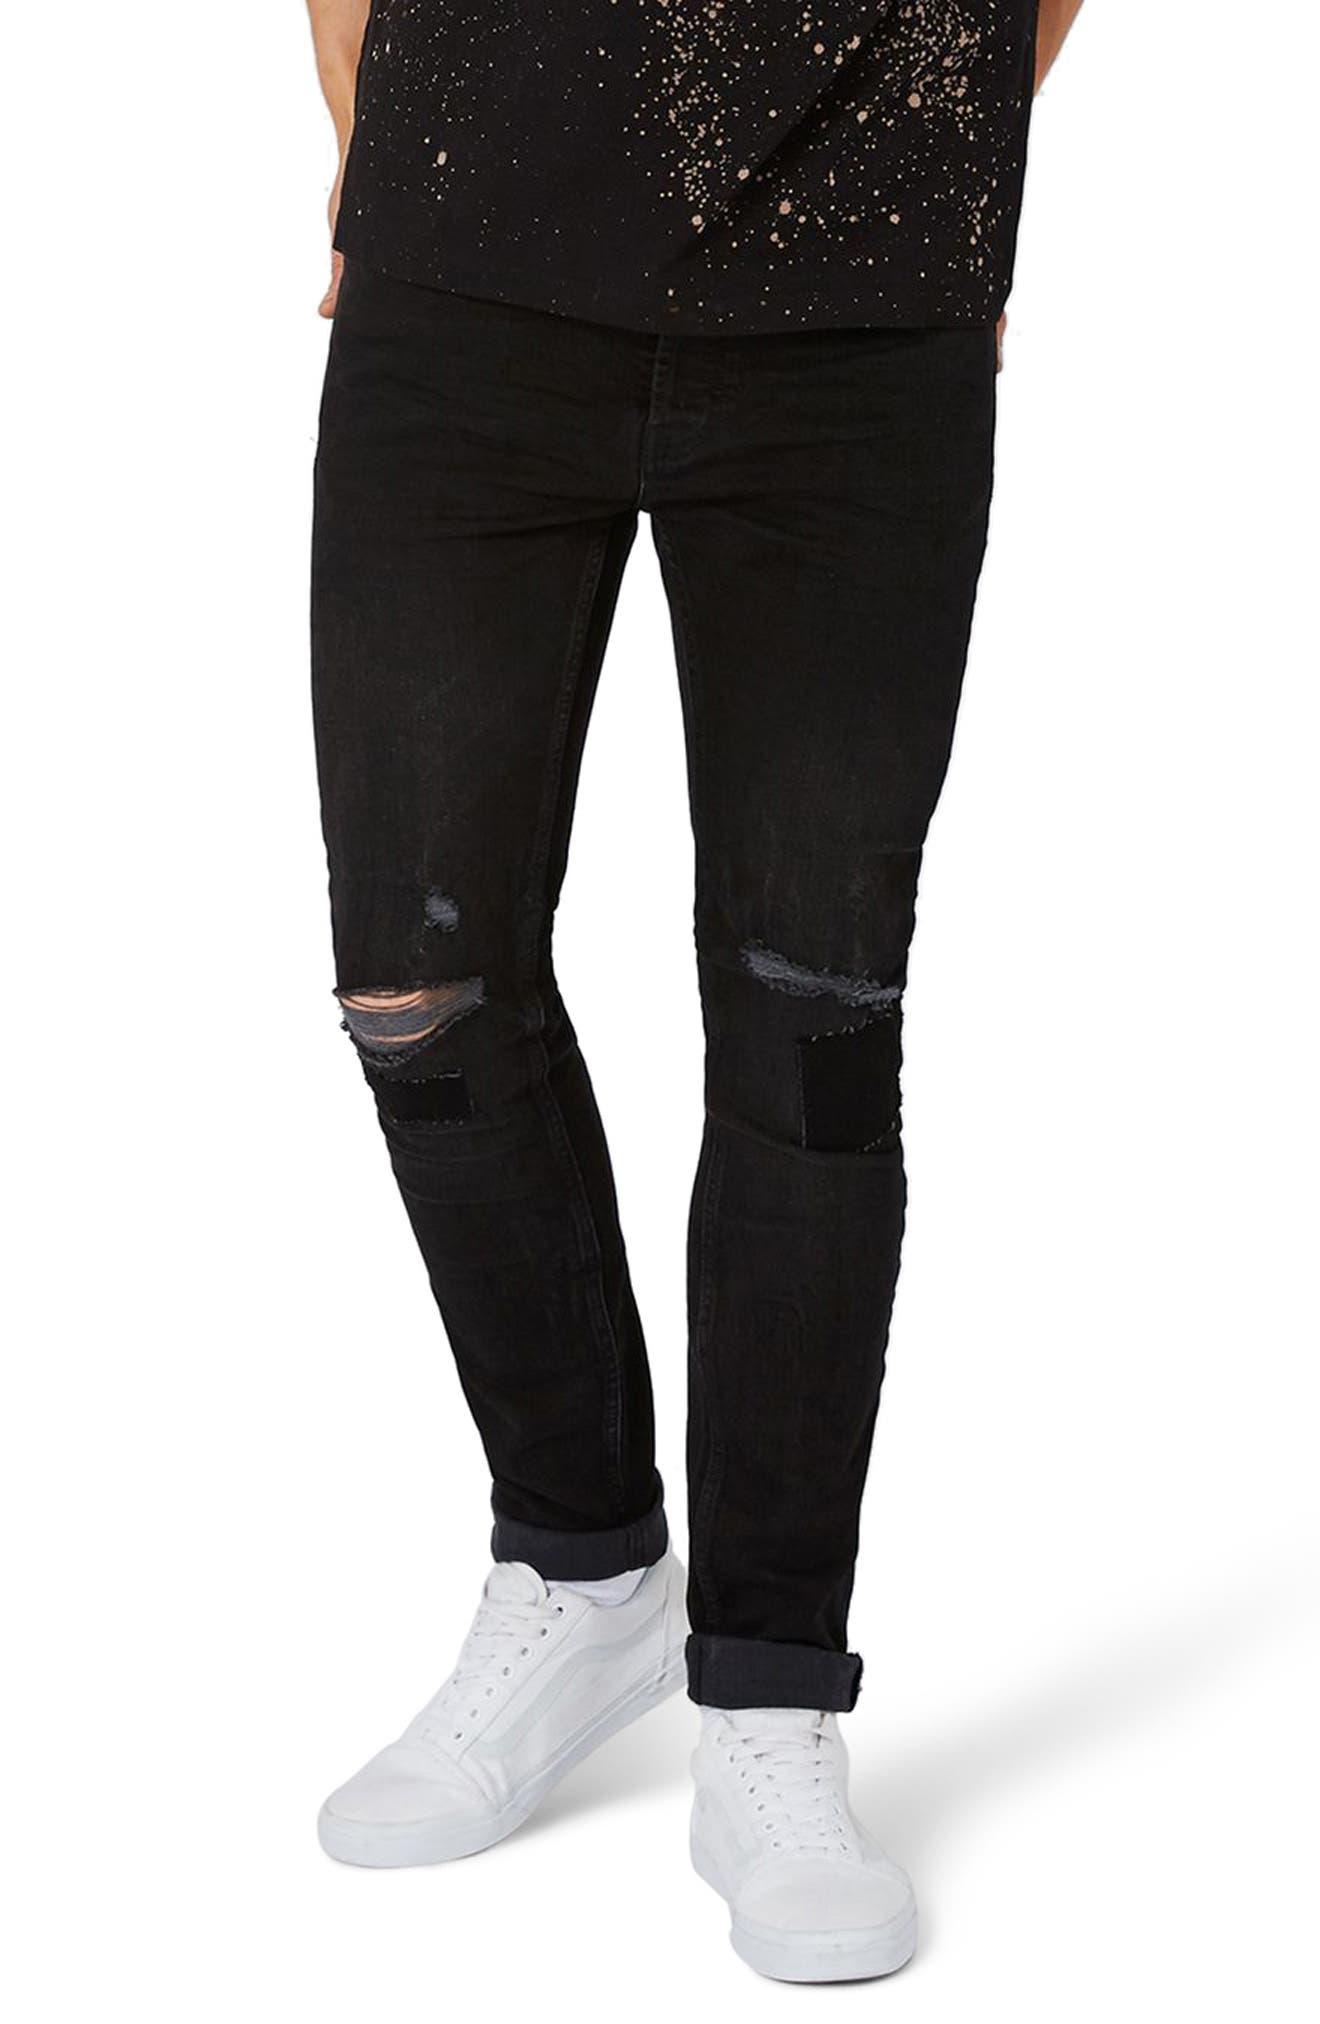 Topman Patch Stretch Skinny Jeans